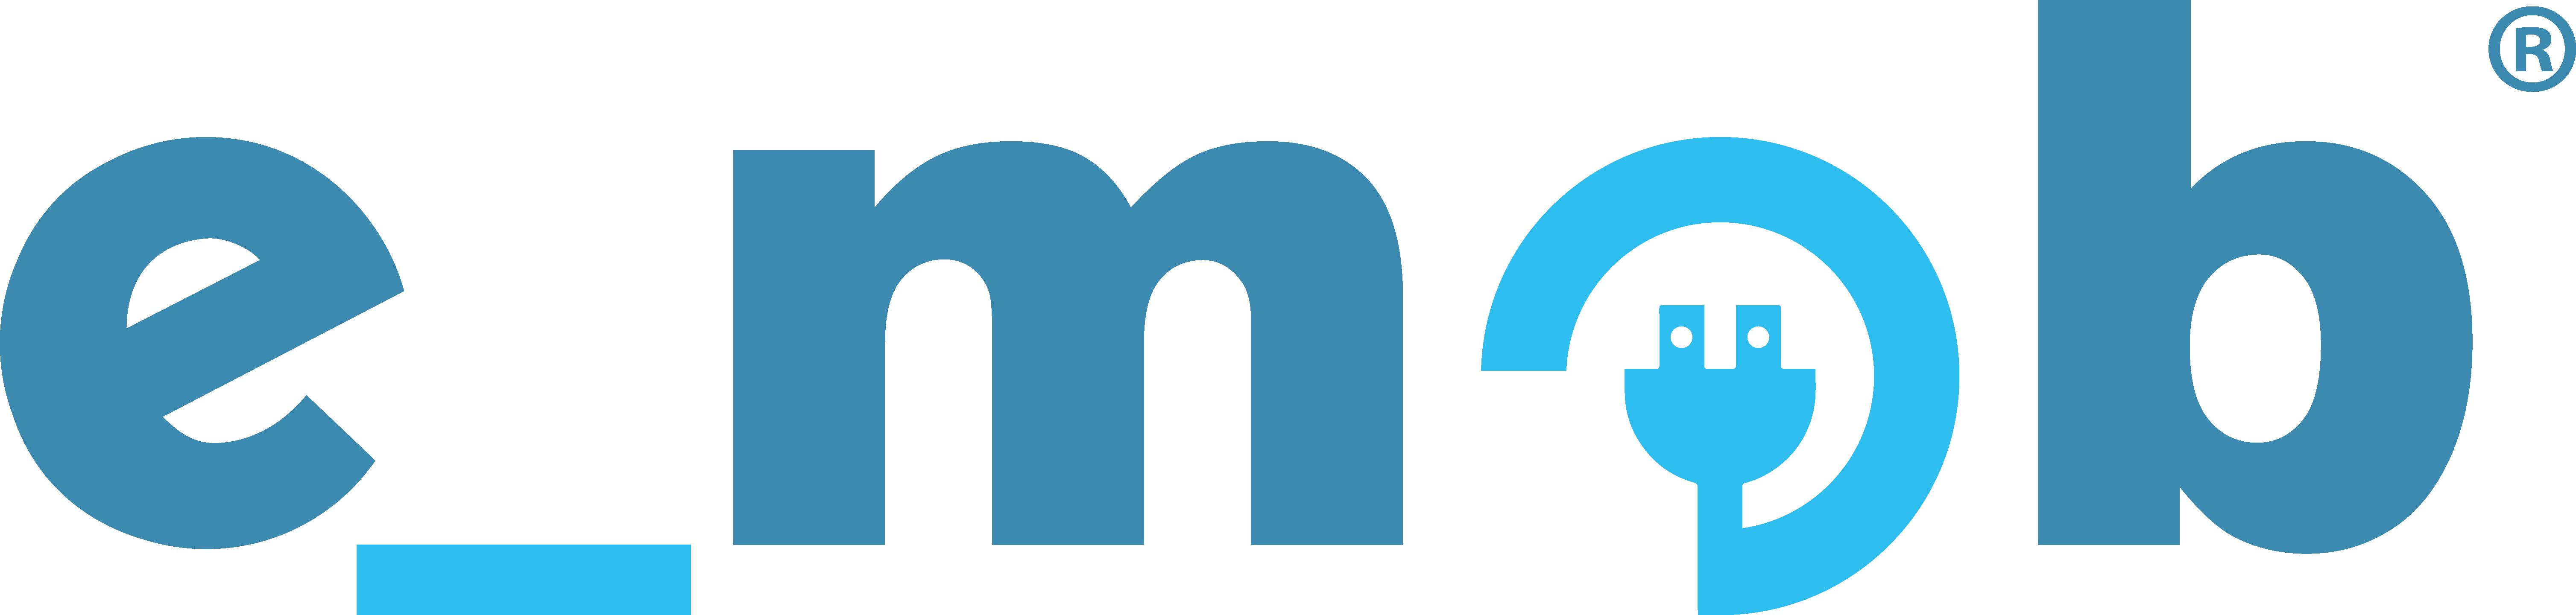 e_mob